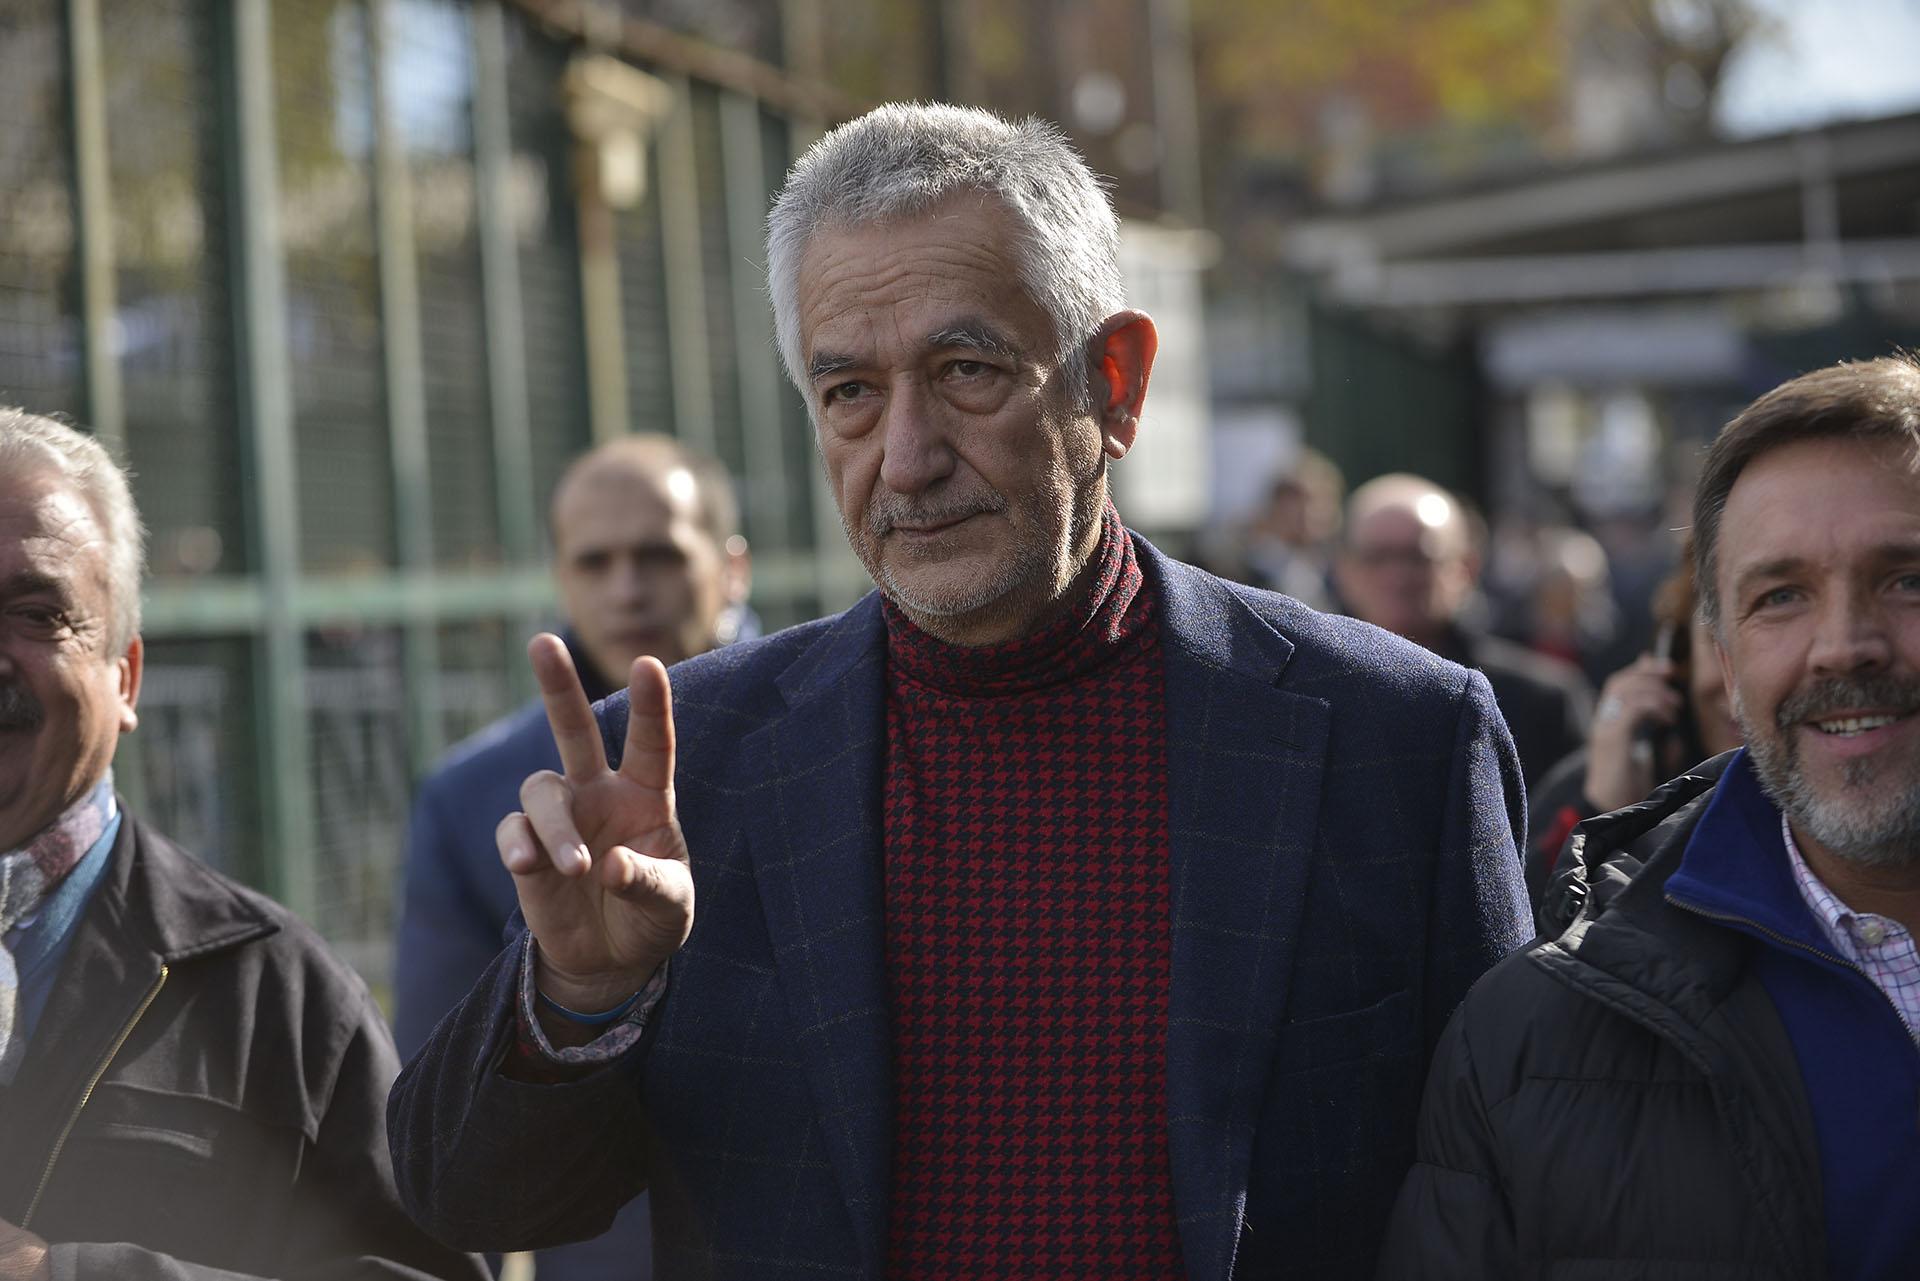 El gobernador de San Juan y aliado de Cristina Kirchner Alberto Rodríguez Saá